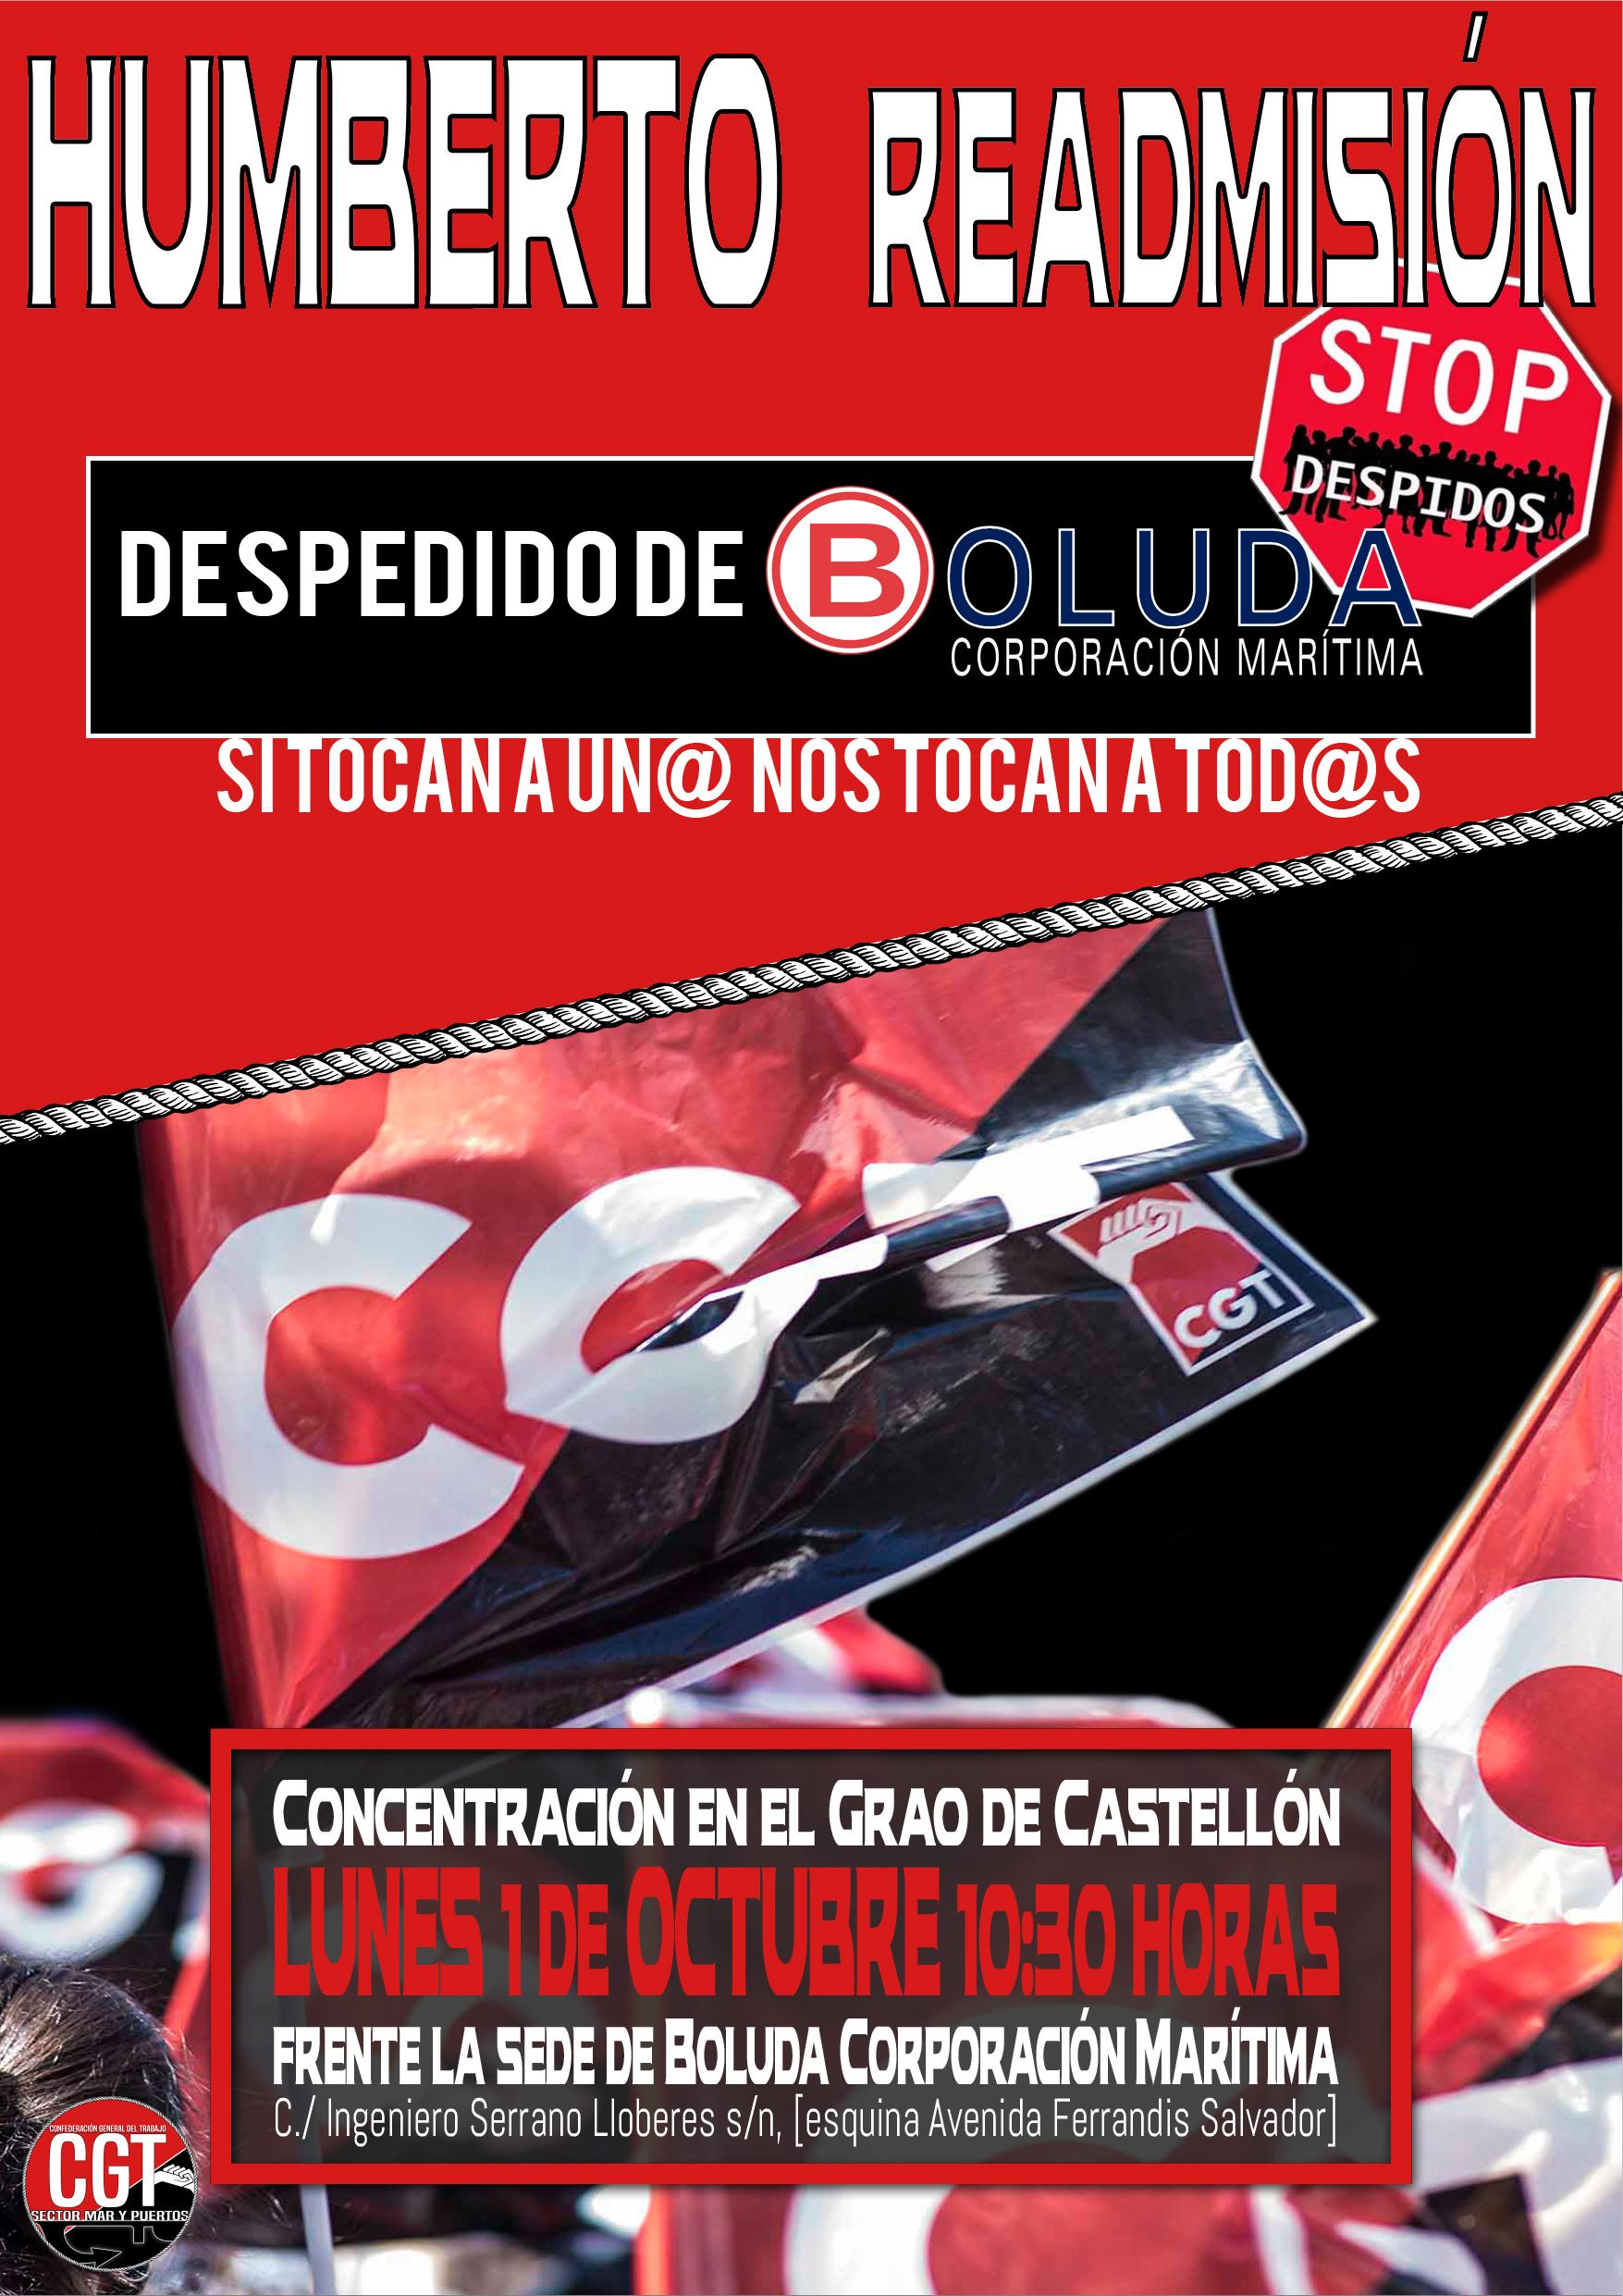 Cartel Readmisión Humberto (Castellon)